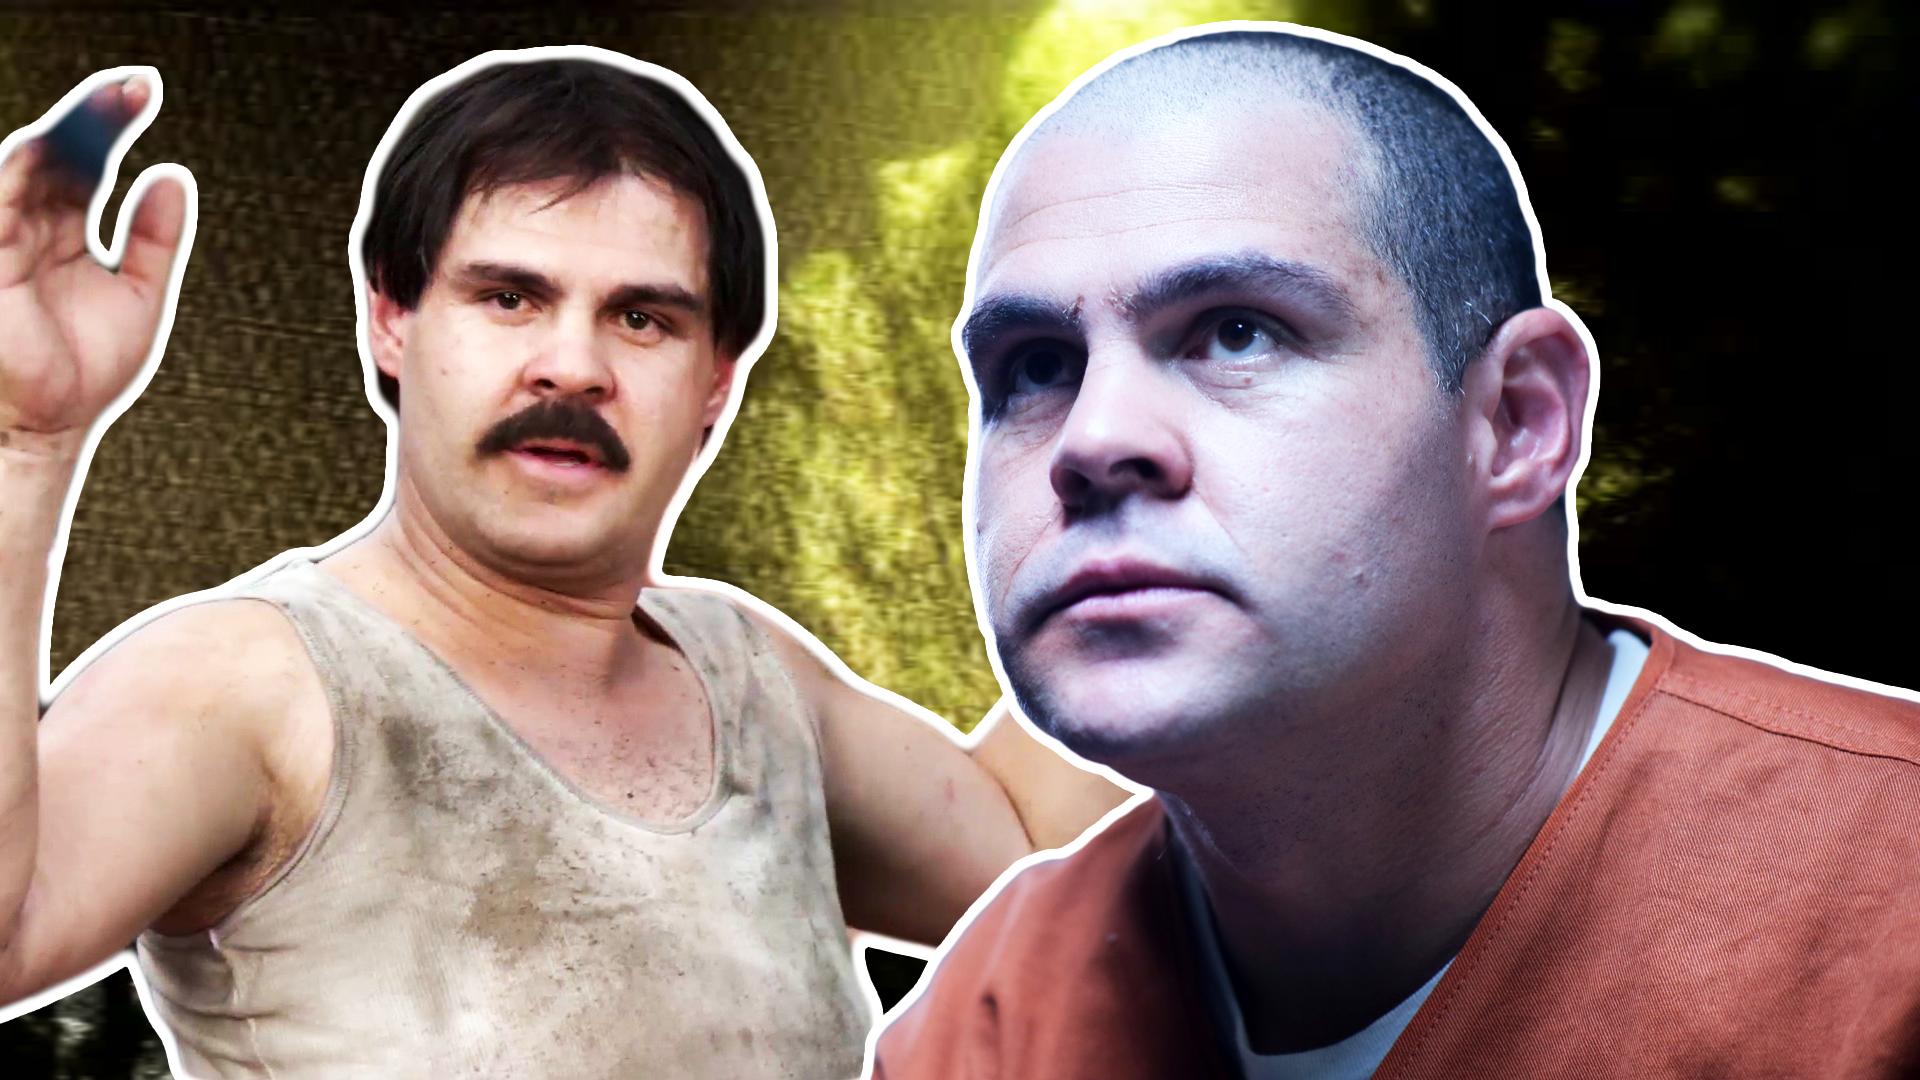 El Chapo' terminó en la cárcel y extraditado: así culminó la temporada  final de la serie sobre Guzmán Loera   Series El Chapo